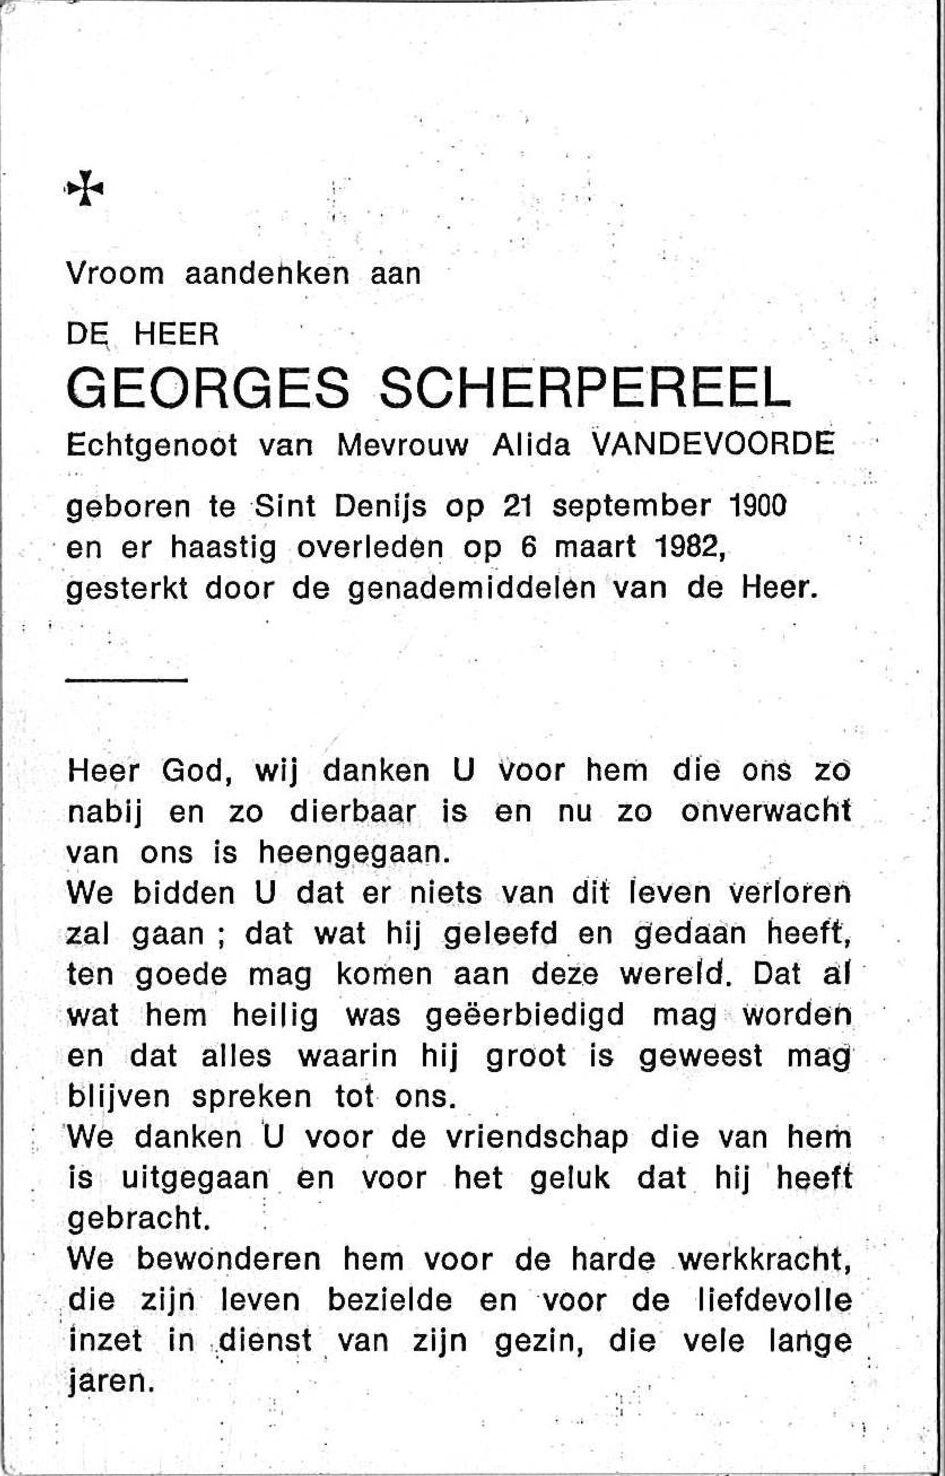 Scherpereel Georges